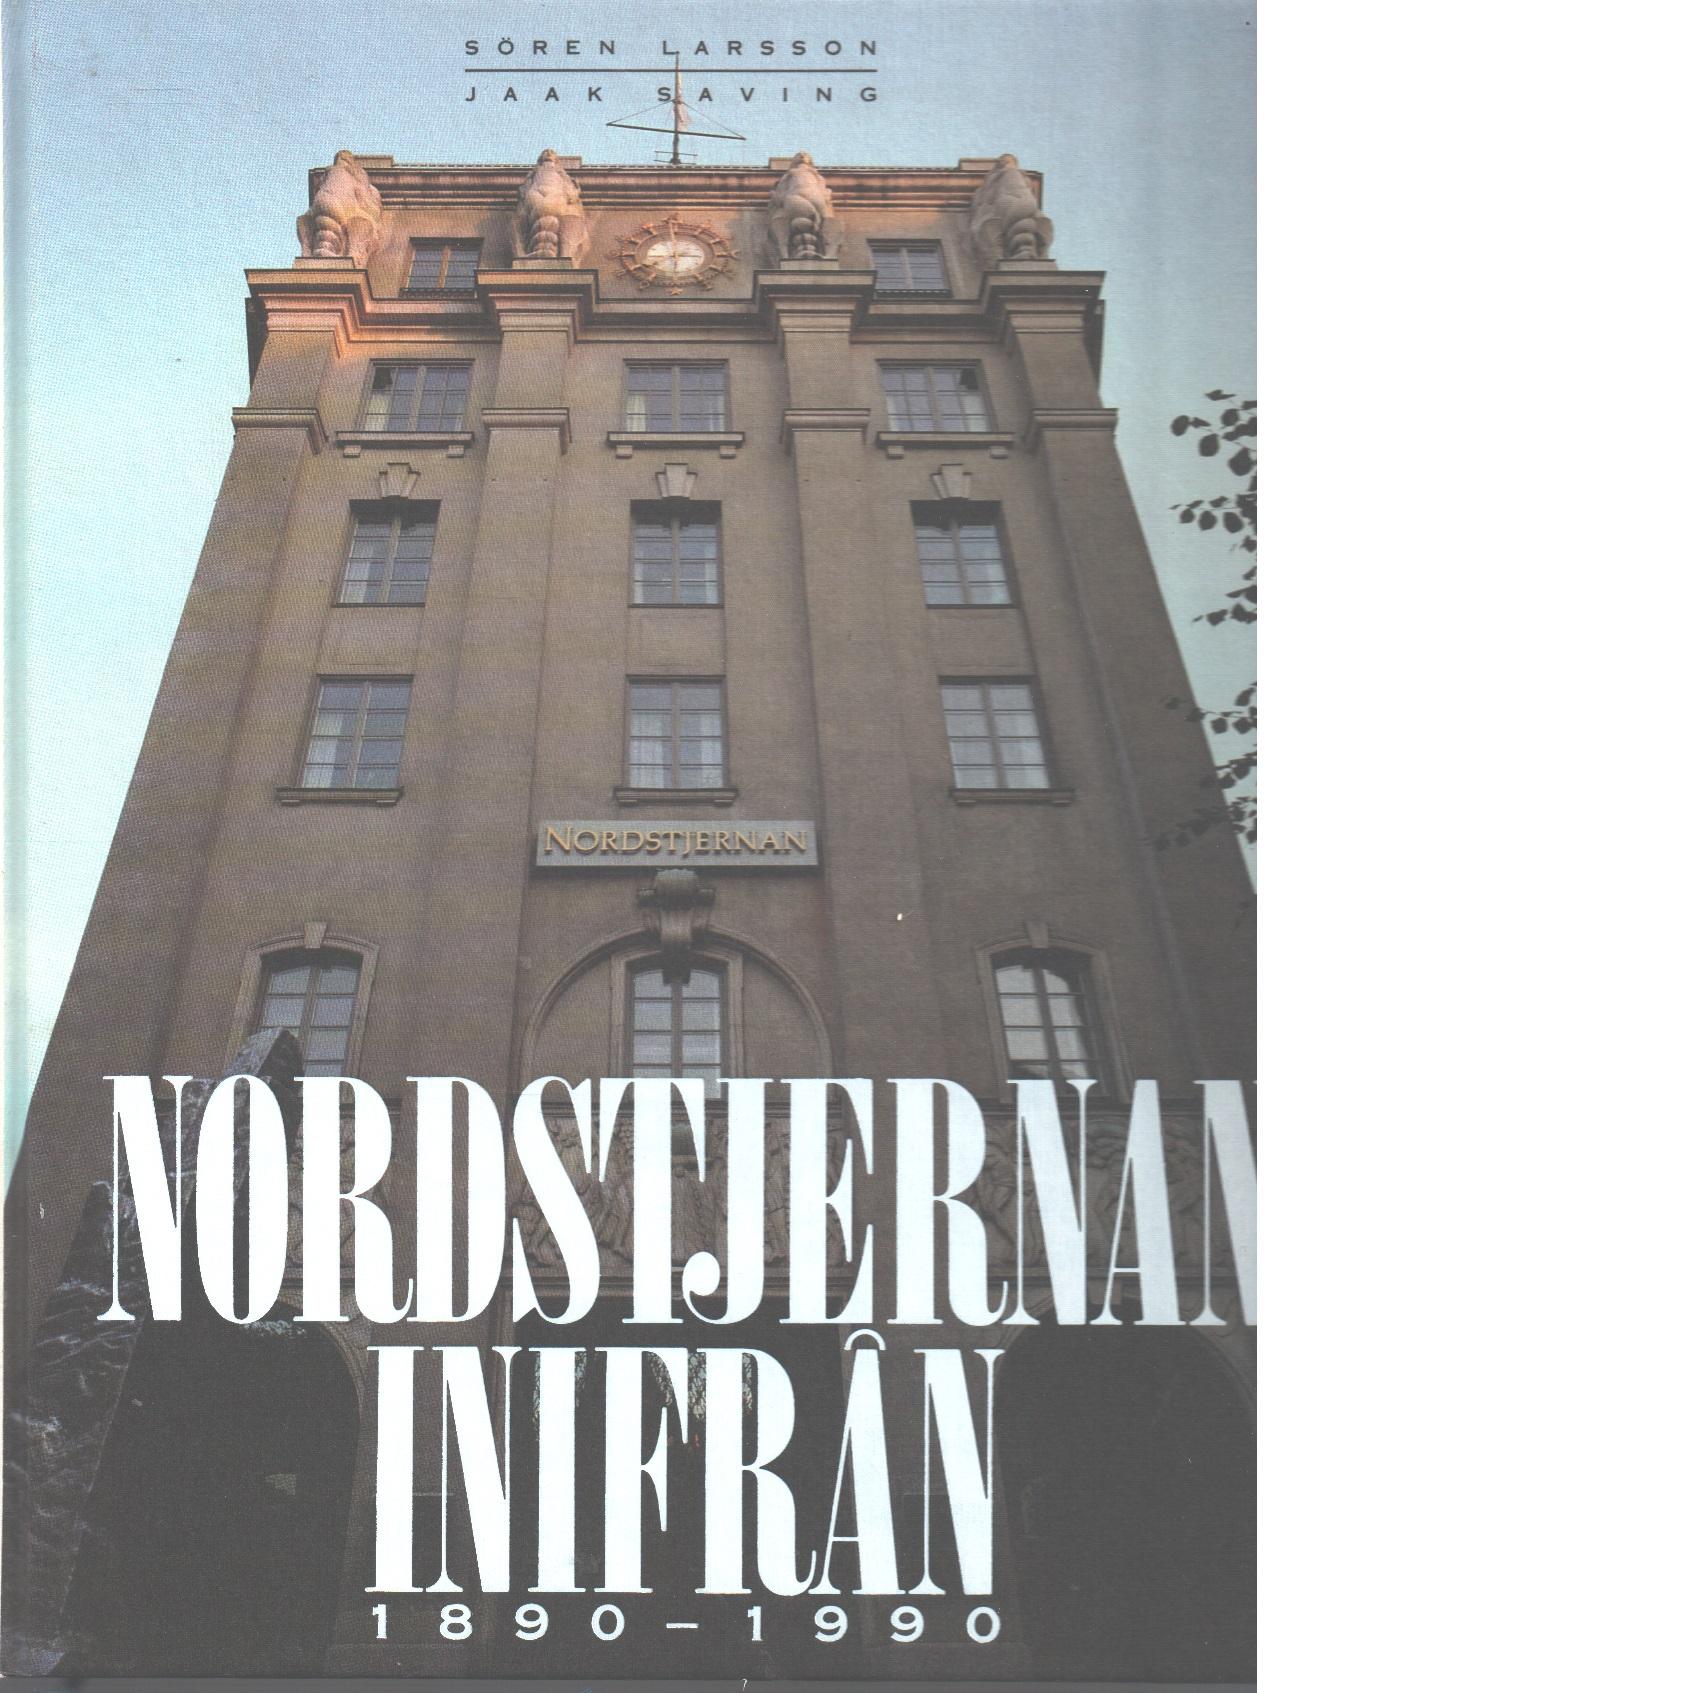 Nordstjernan inifrån : 1890-1990 - Larsson, Sören Och Saving, Jaak